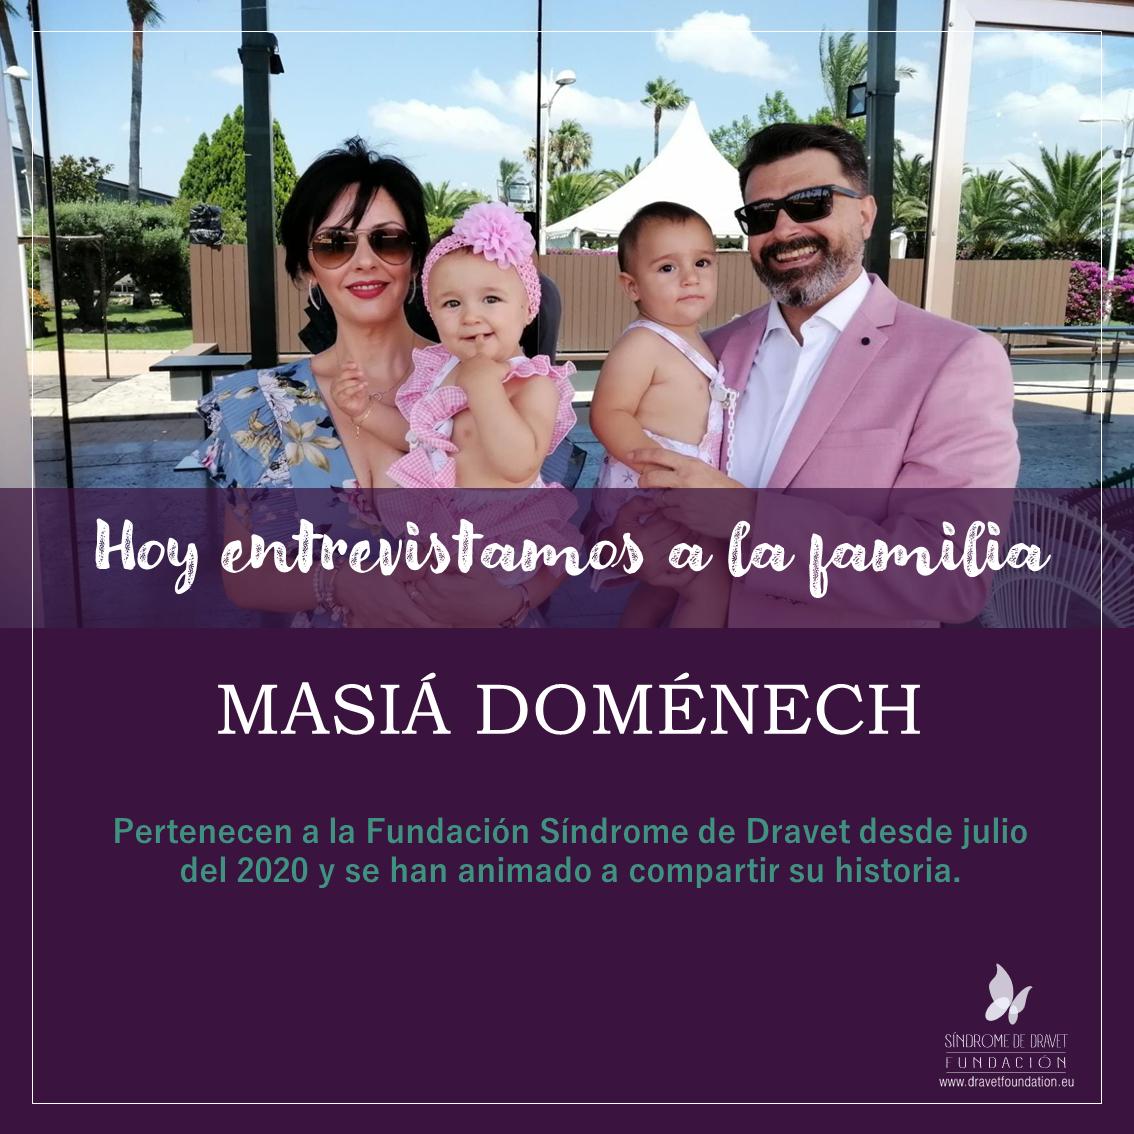 Entrevistamos a la familia Masiá Doménech